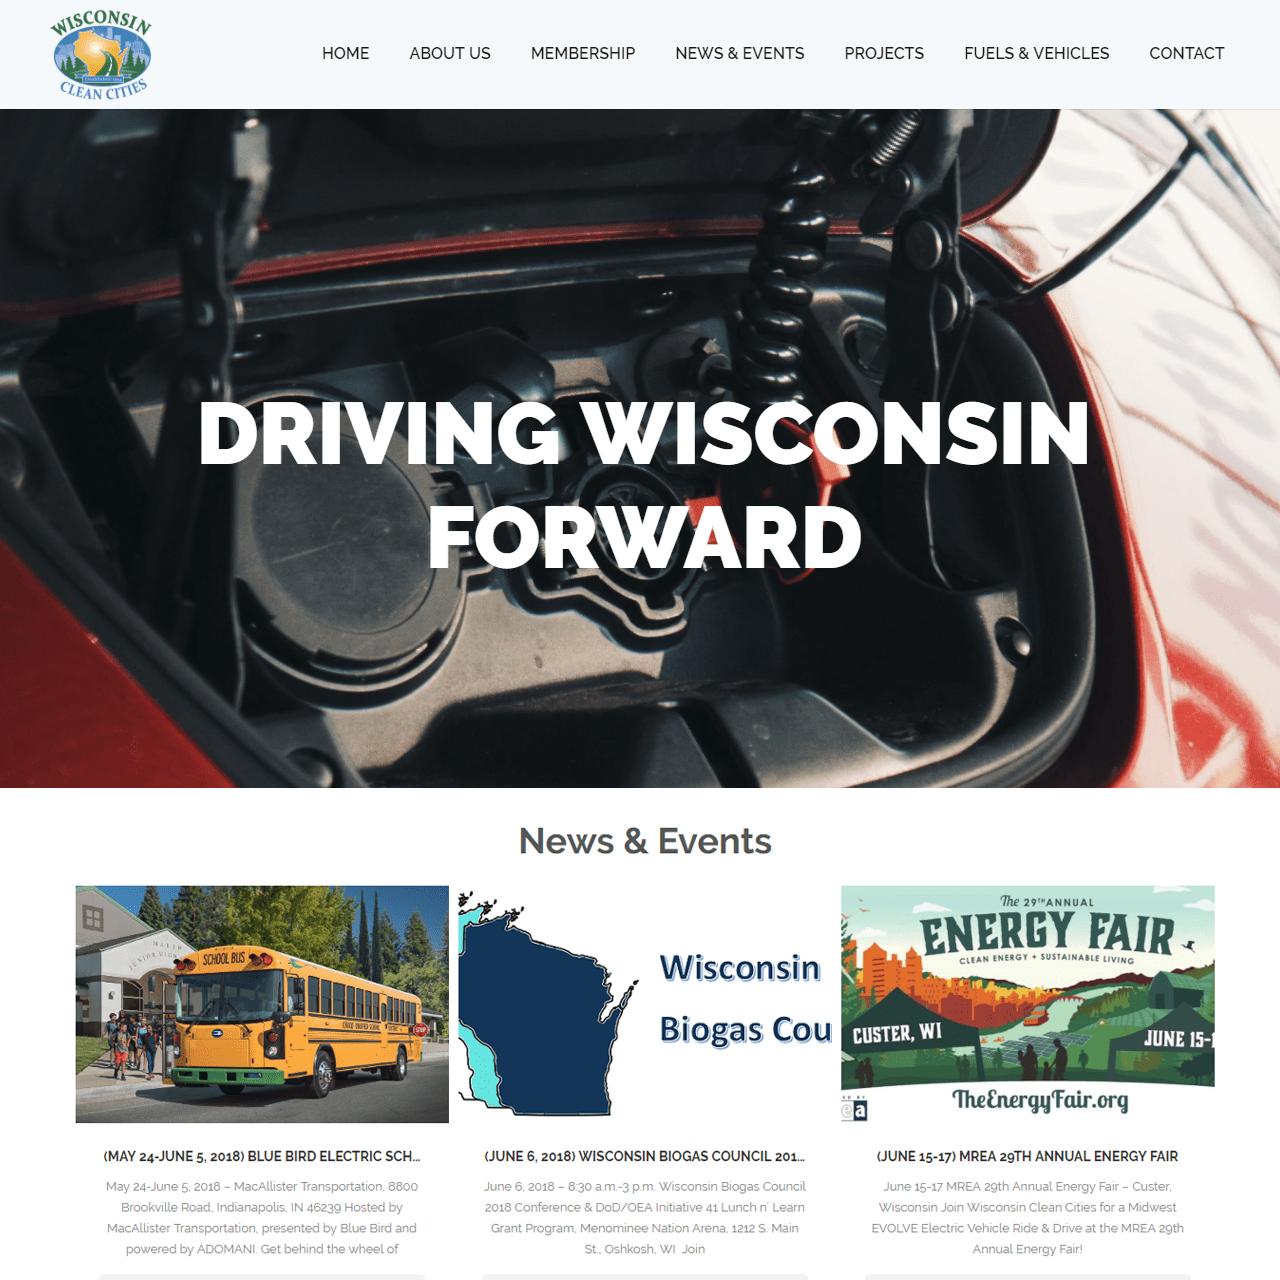 Jwm Website Design